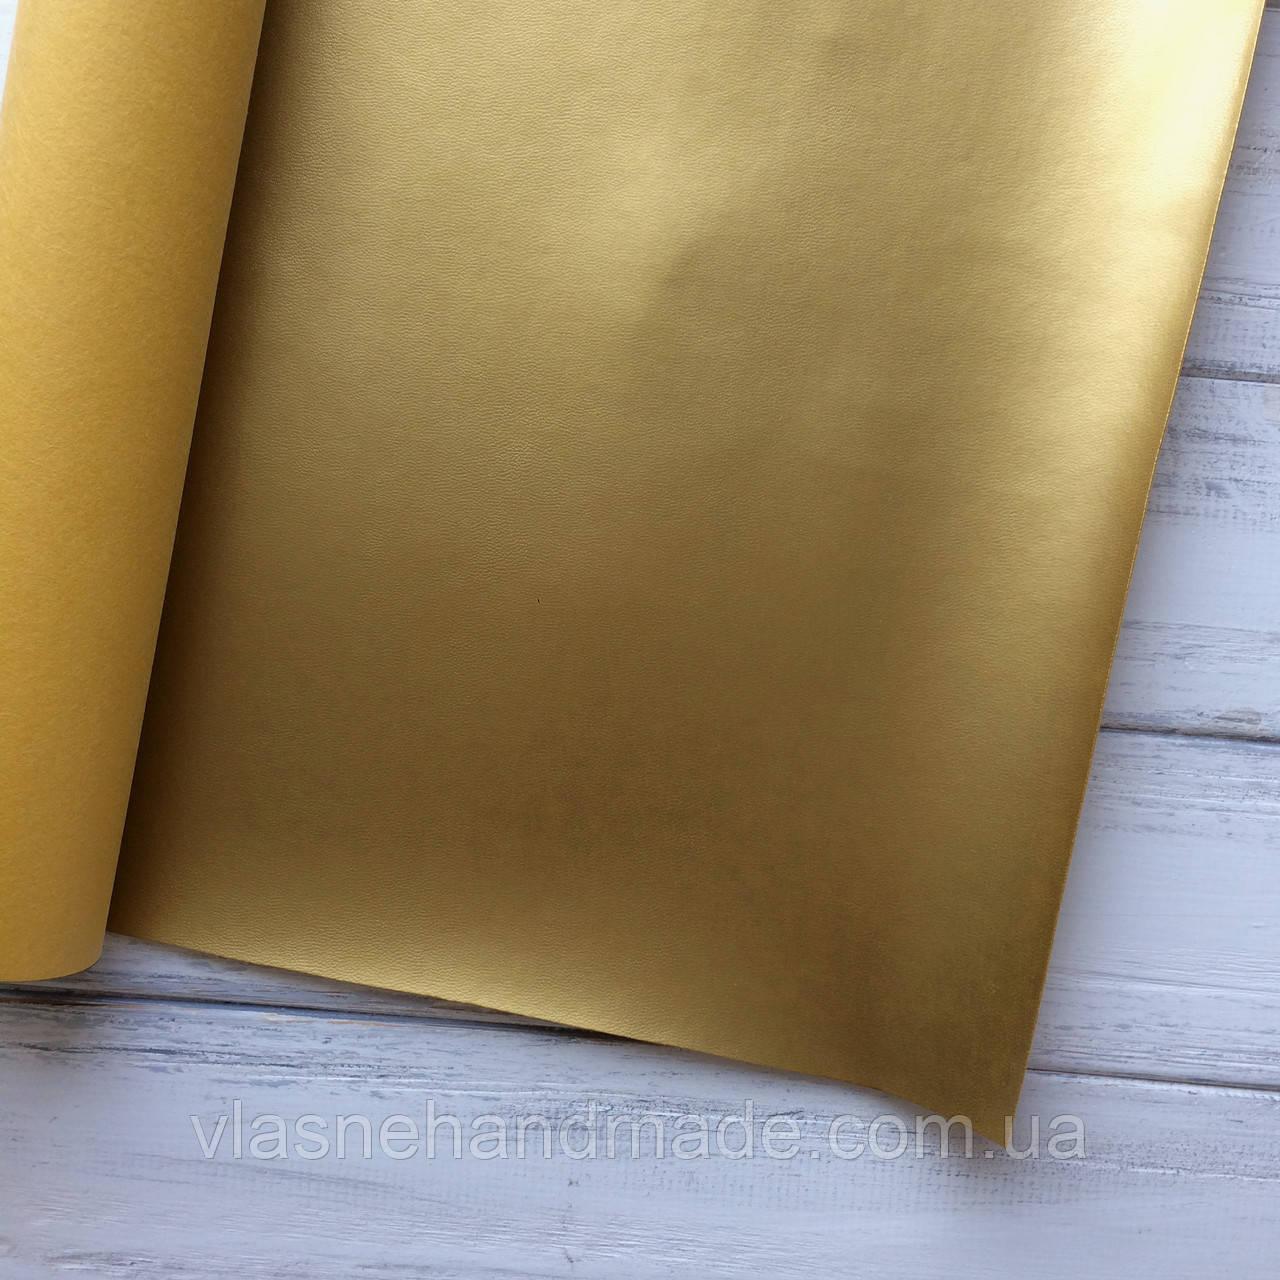 НЕФОРМАТ АБО НЕВЕЛИКИЙ БРАК!! Шкірзамінник палітурний - металік - золото - виробник Італія - 23,5х35 см